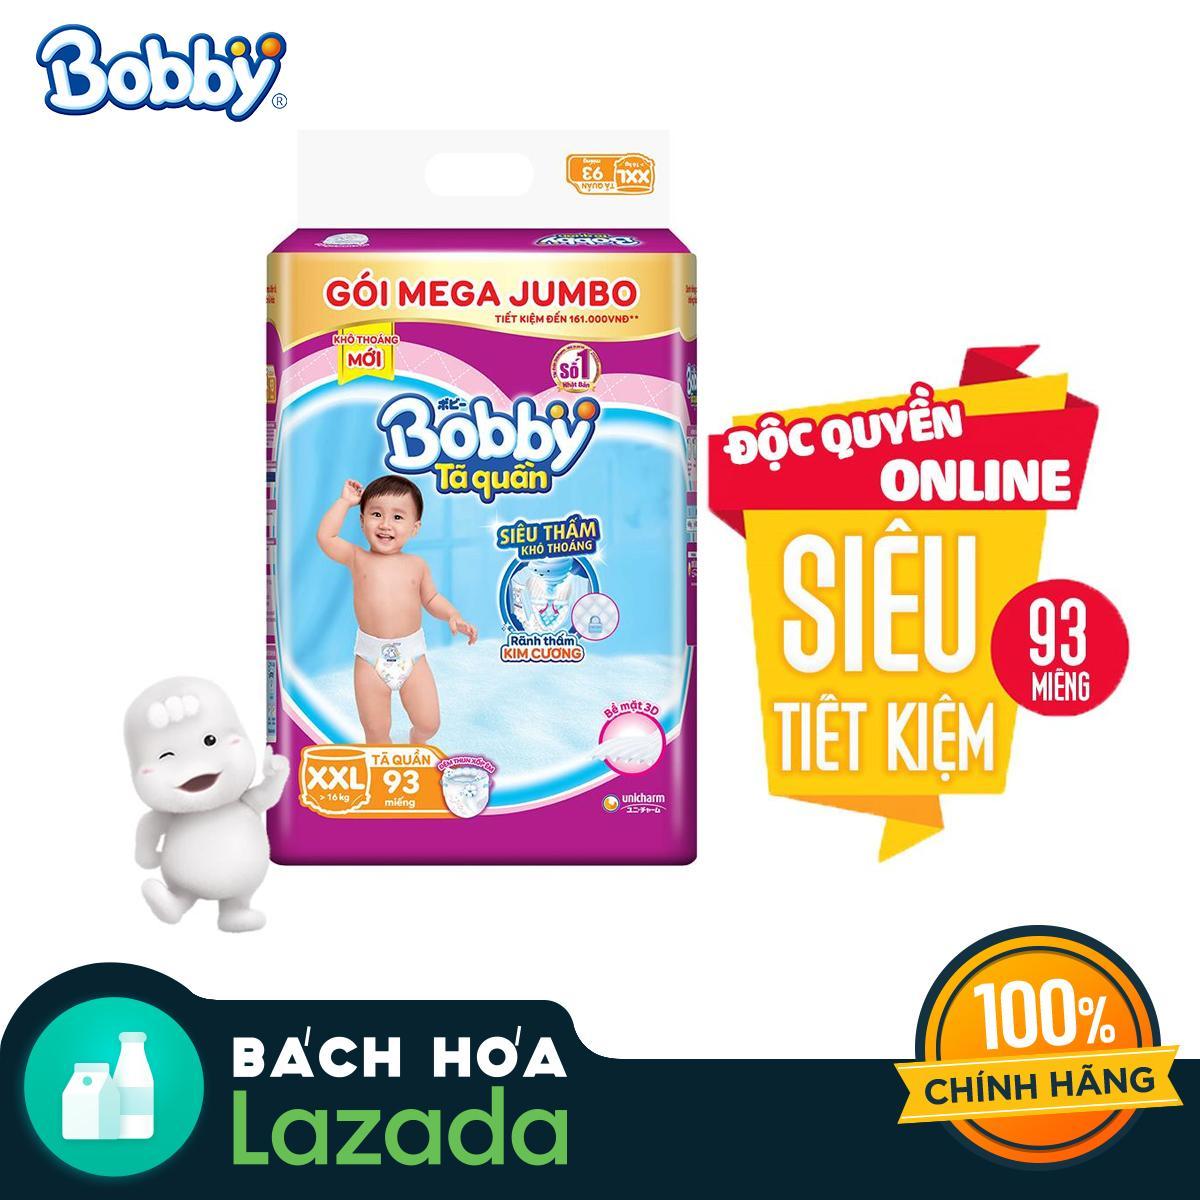 [Độc quyền Online] Tã/bỉm quần Bobby gói Mega Jumbo XXL93...